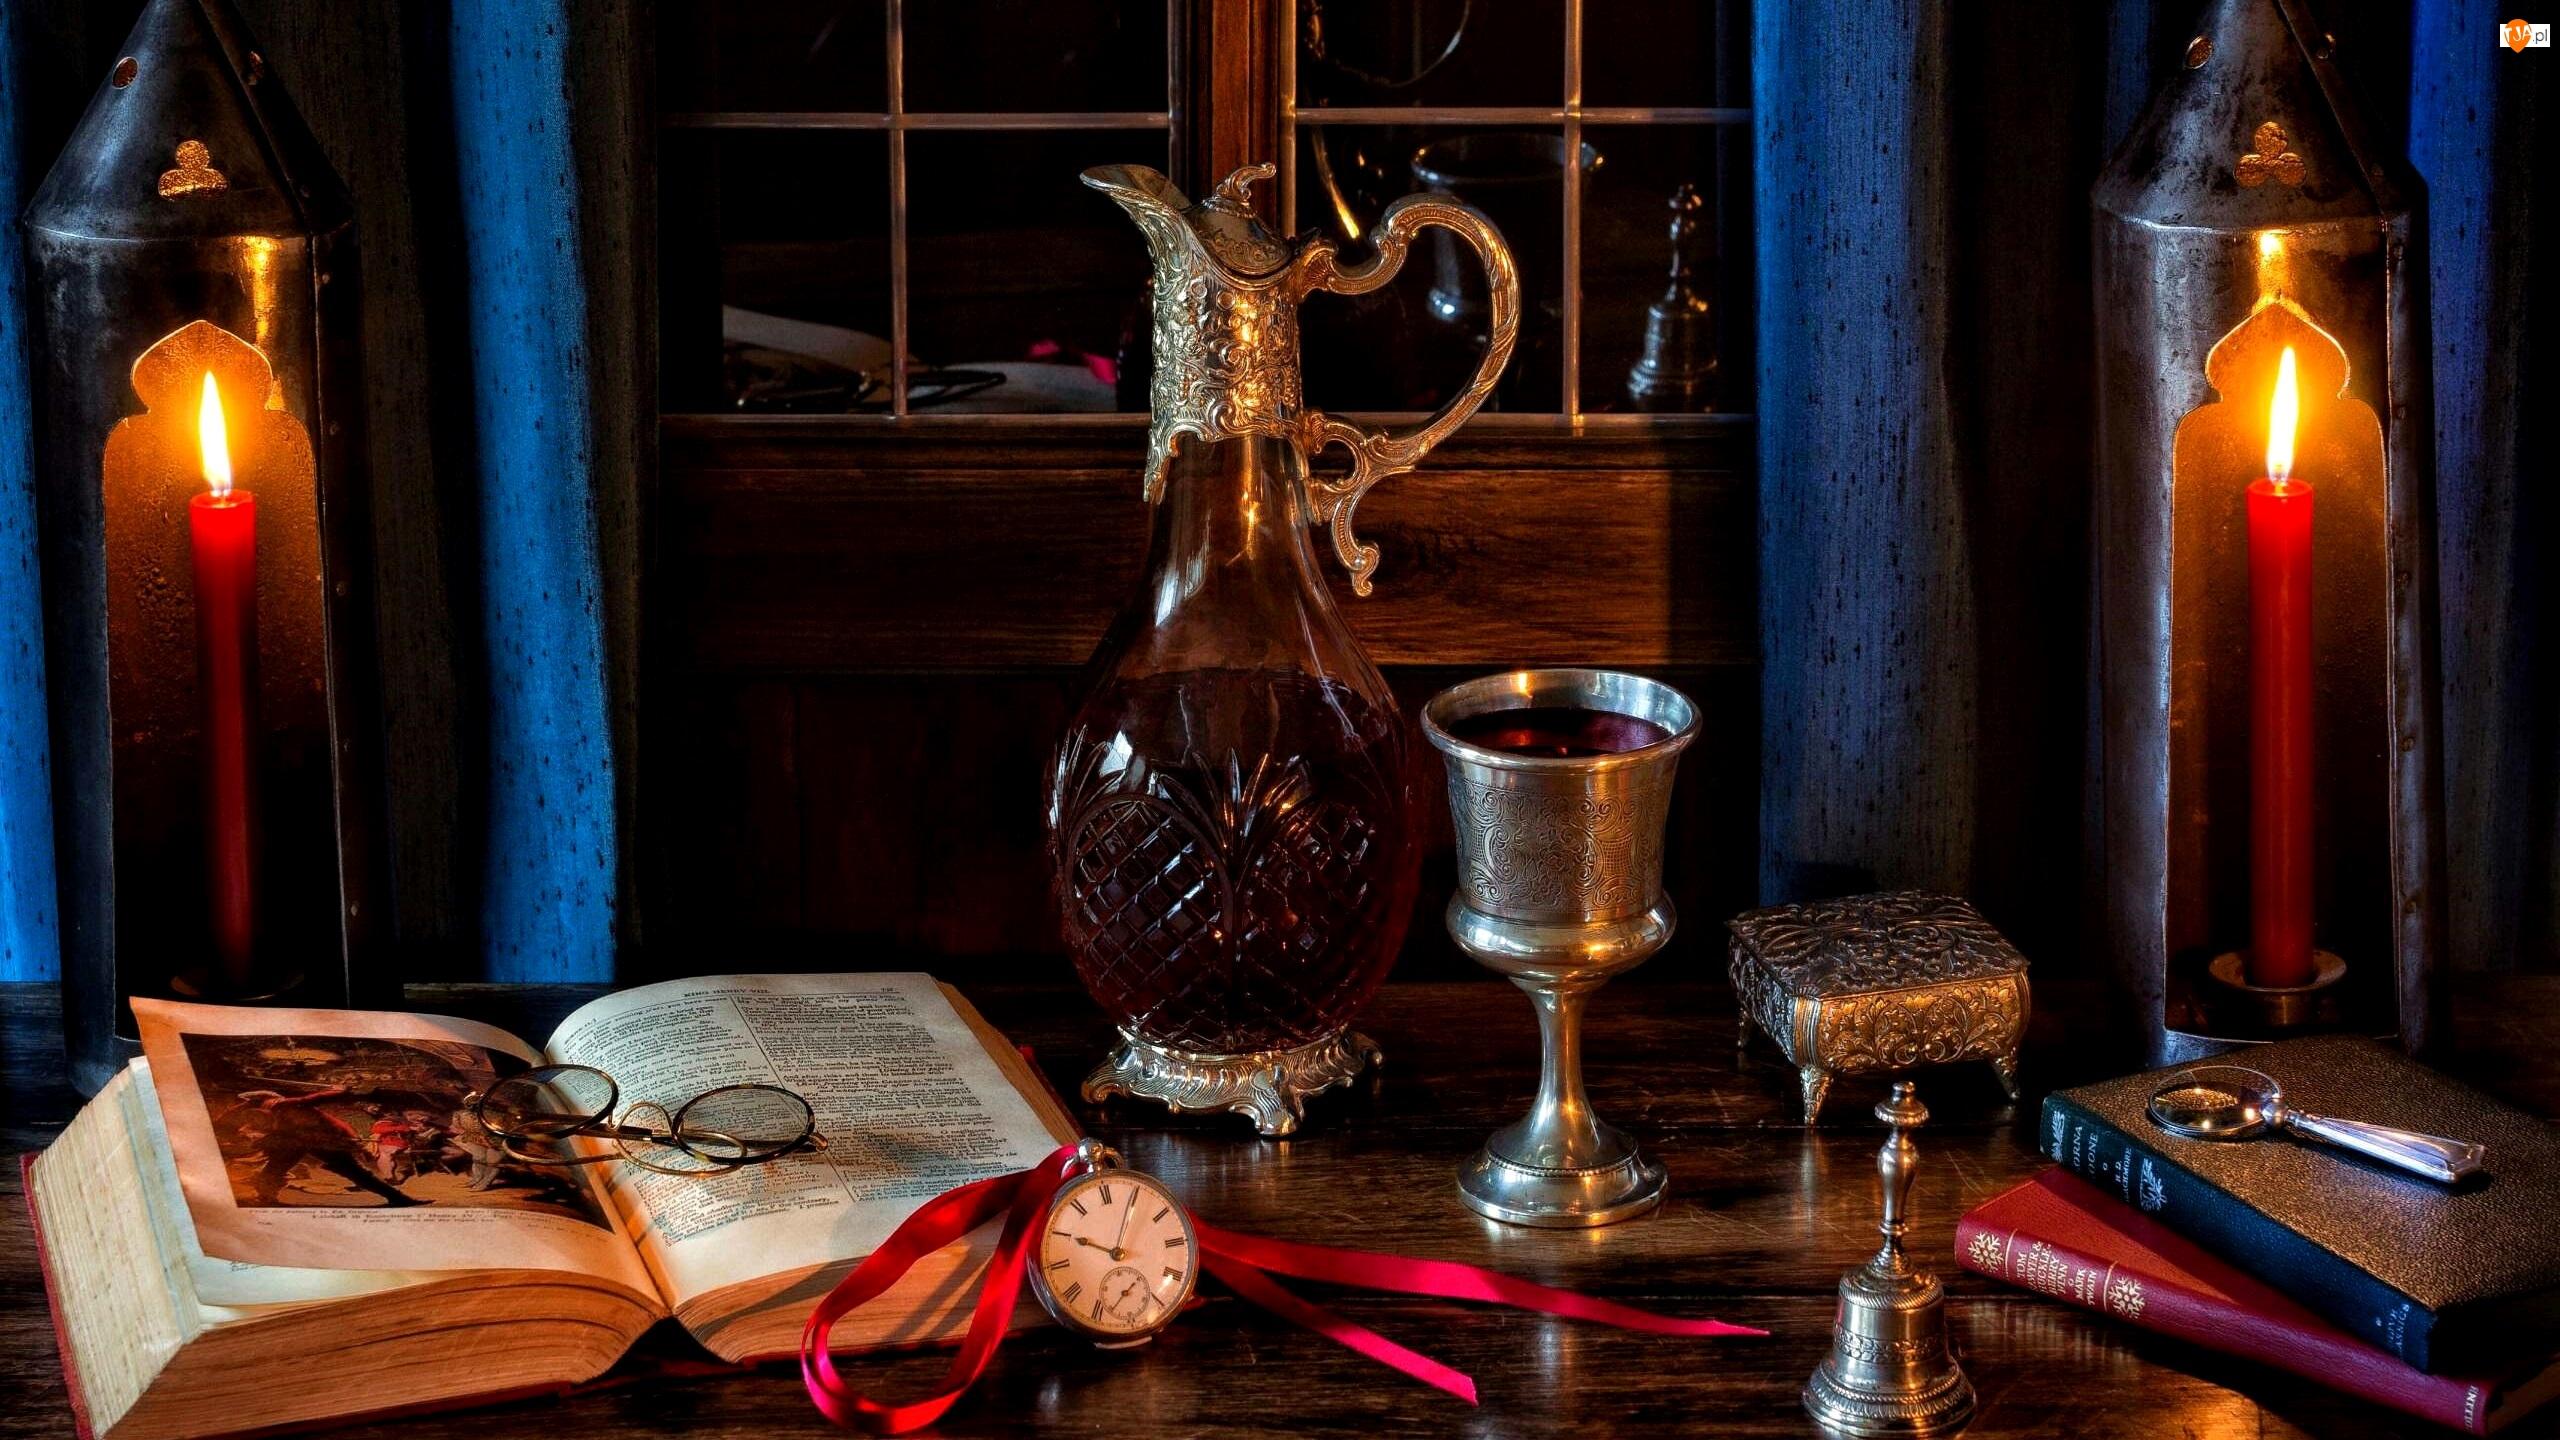 Karafka, Wino, Świece, Kompozycja, Lampiony, Okulary, Książka